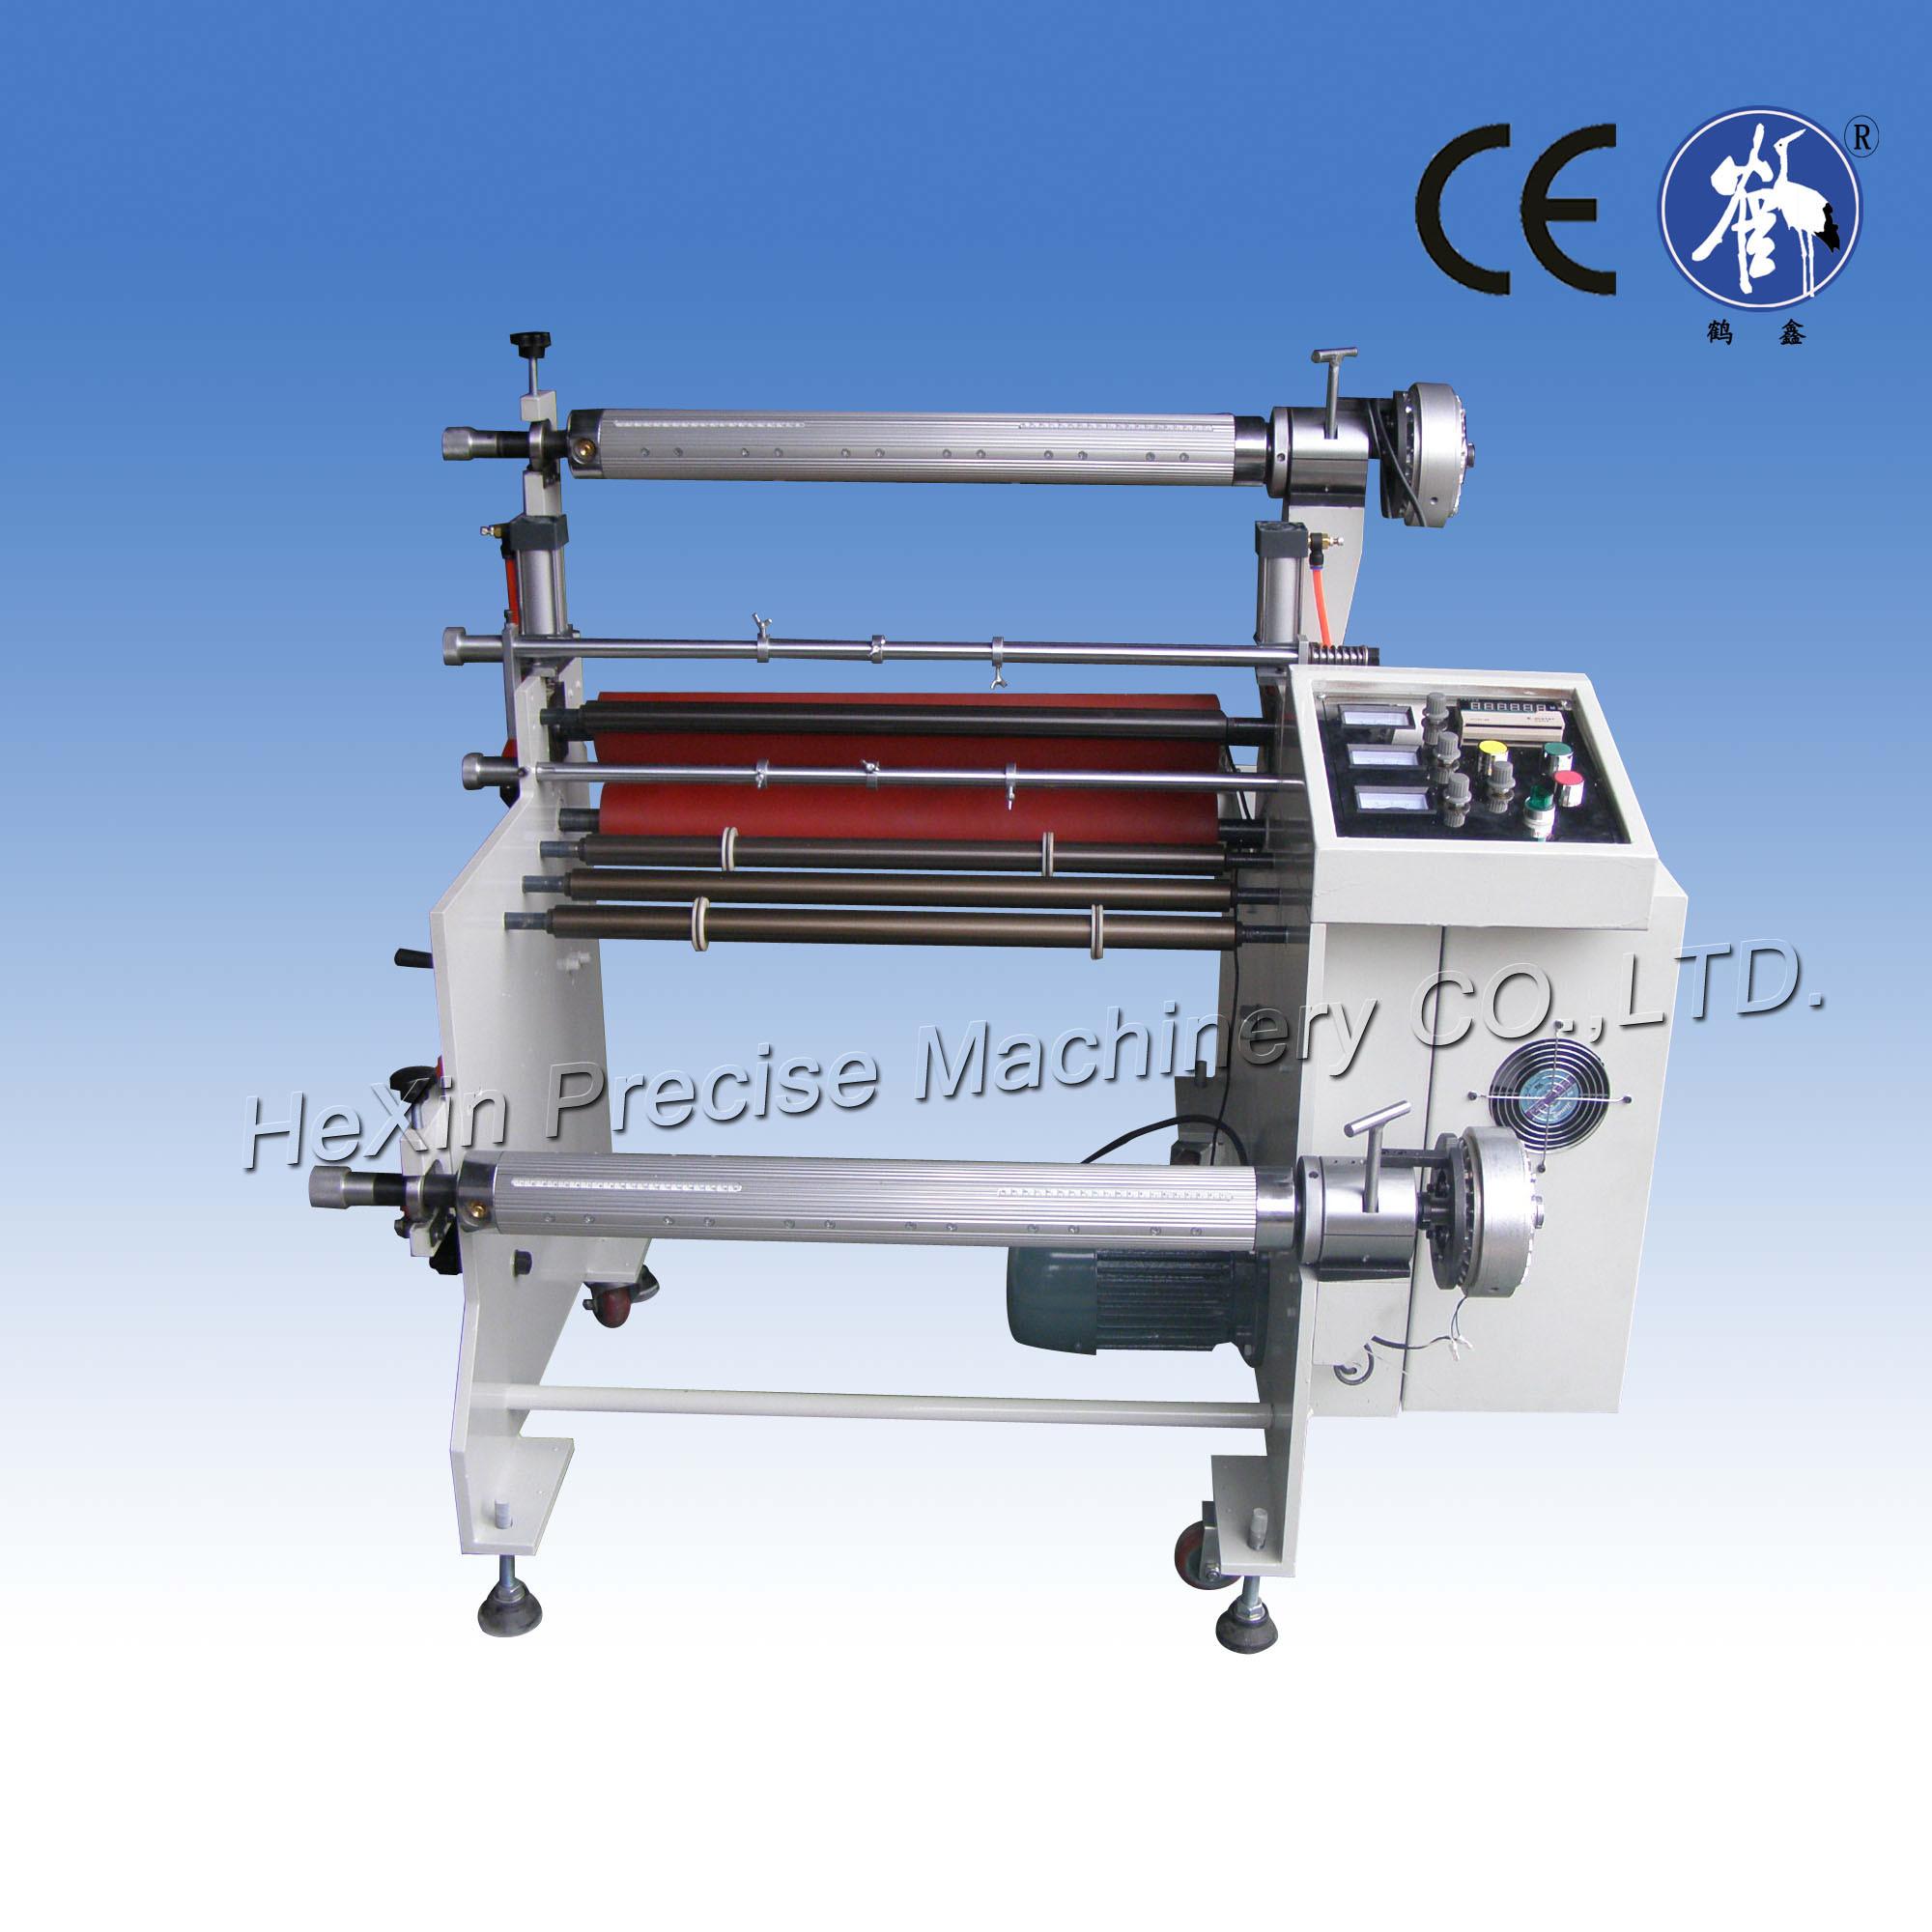 Hx-650t High Precise Cold Laminating Machine